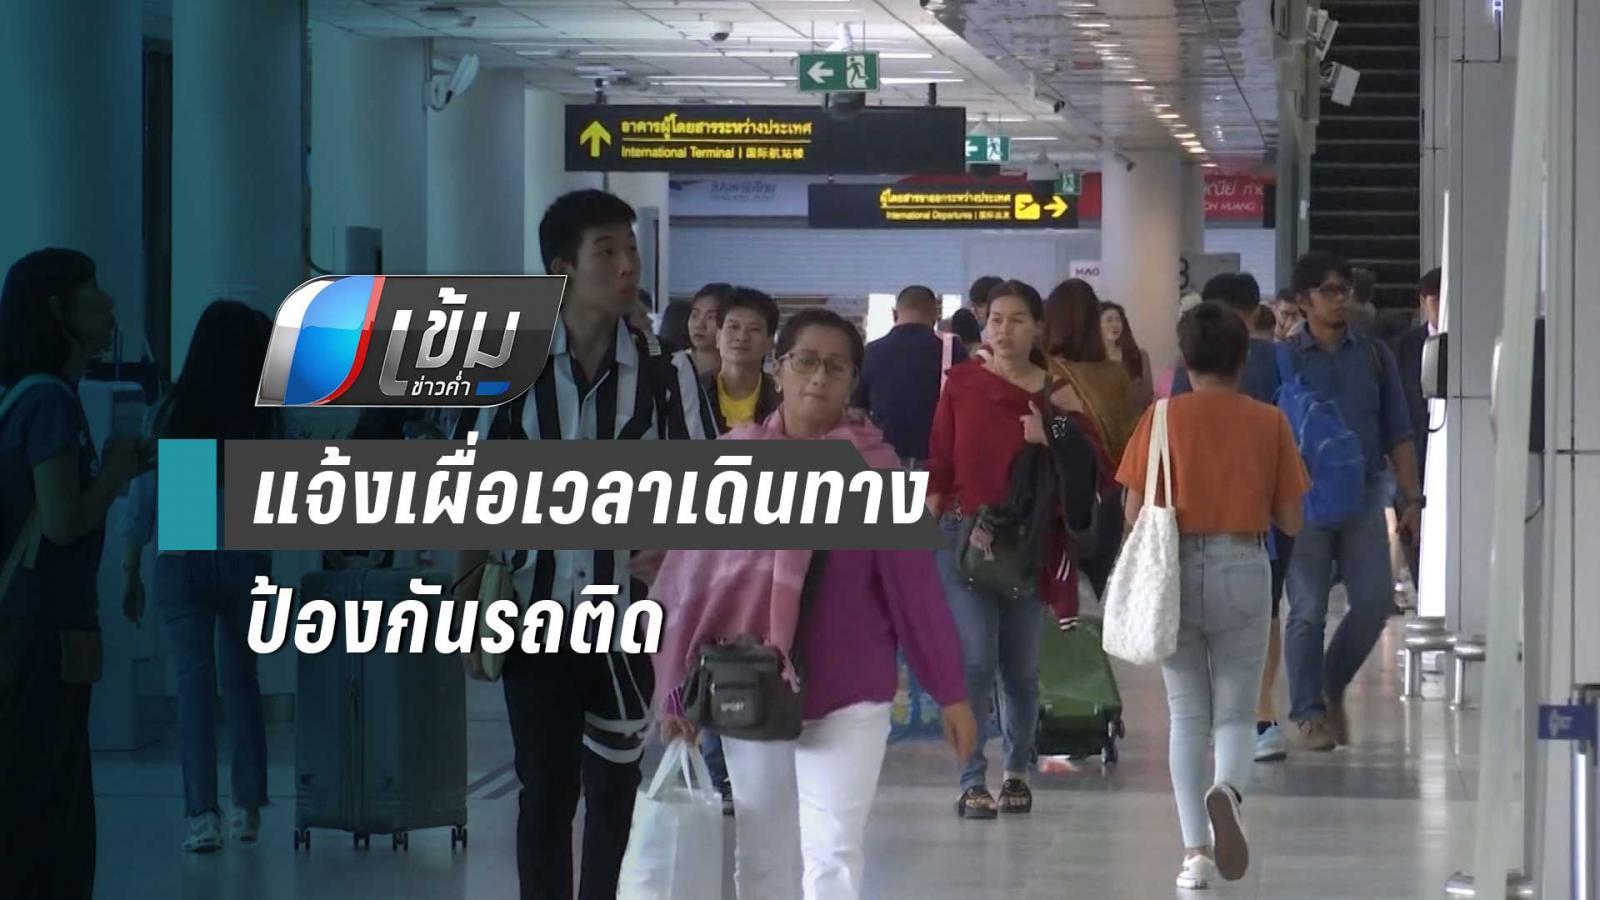 สงกรานต์ 62 สนามบินดอนเมือง แจ้งเผื่อเวลาเดินทางล่วงหน้า ป้องกันรถติด